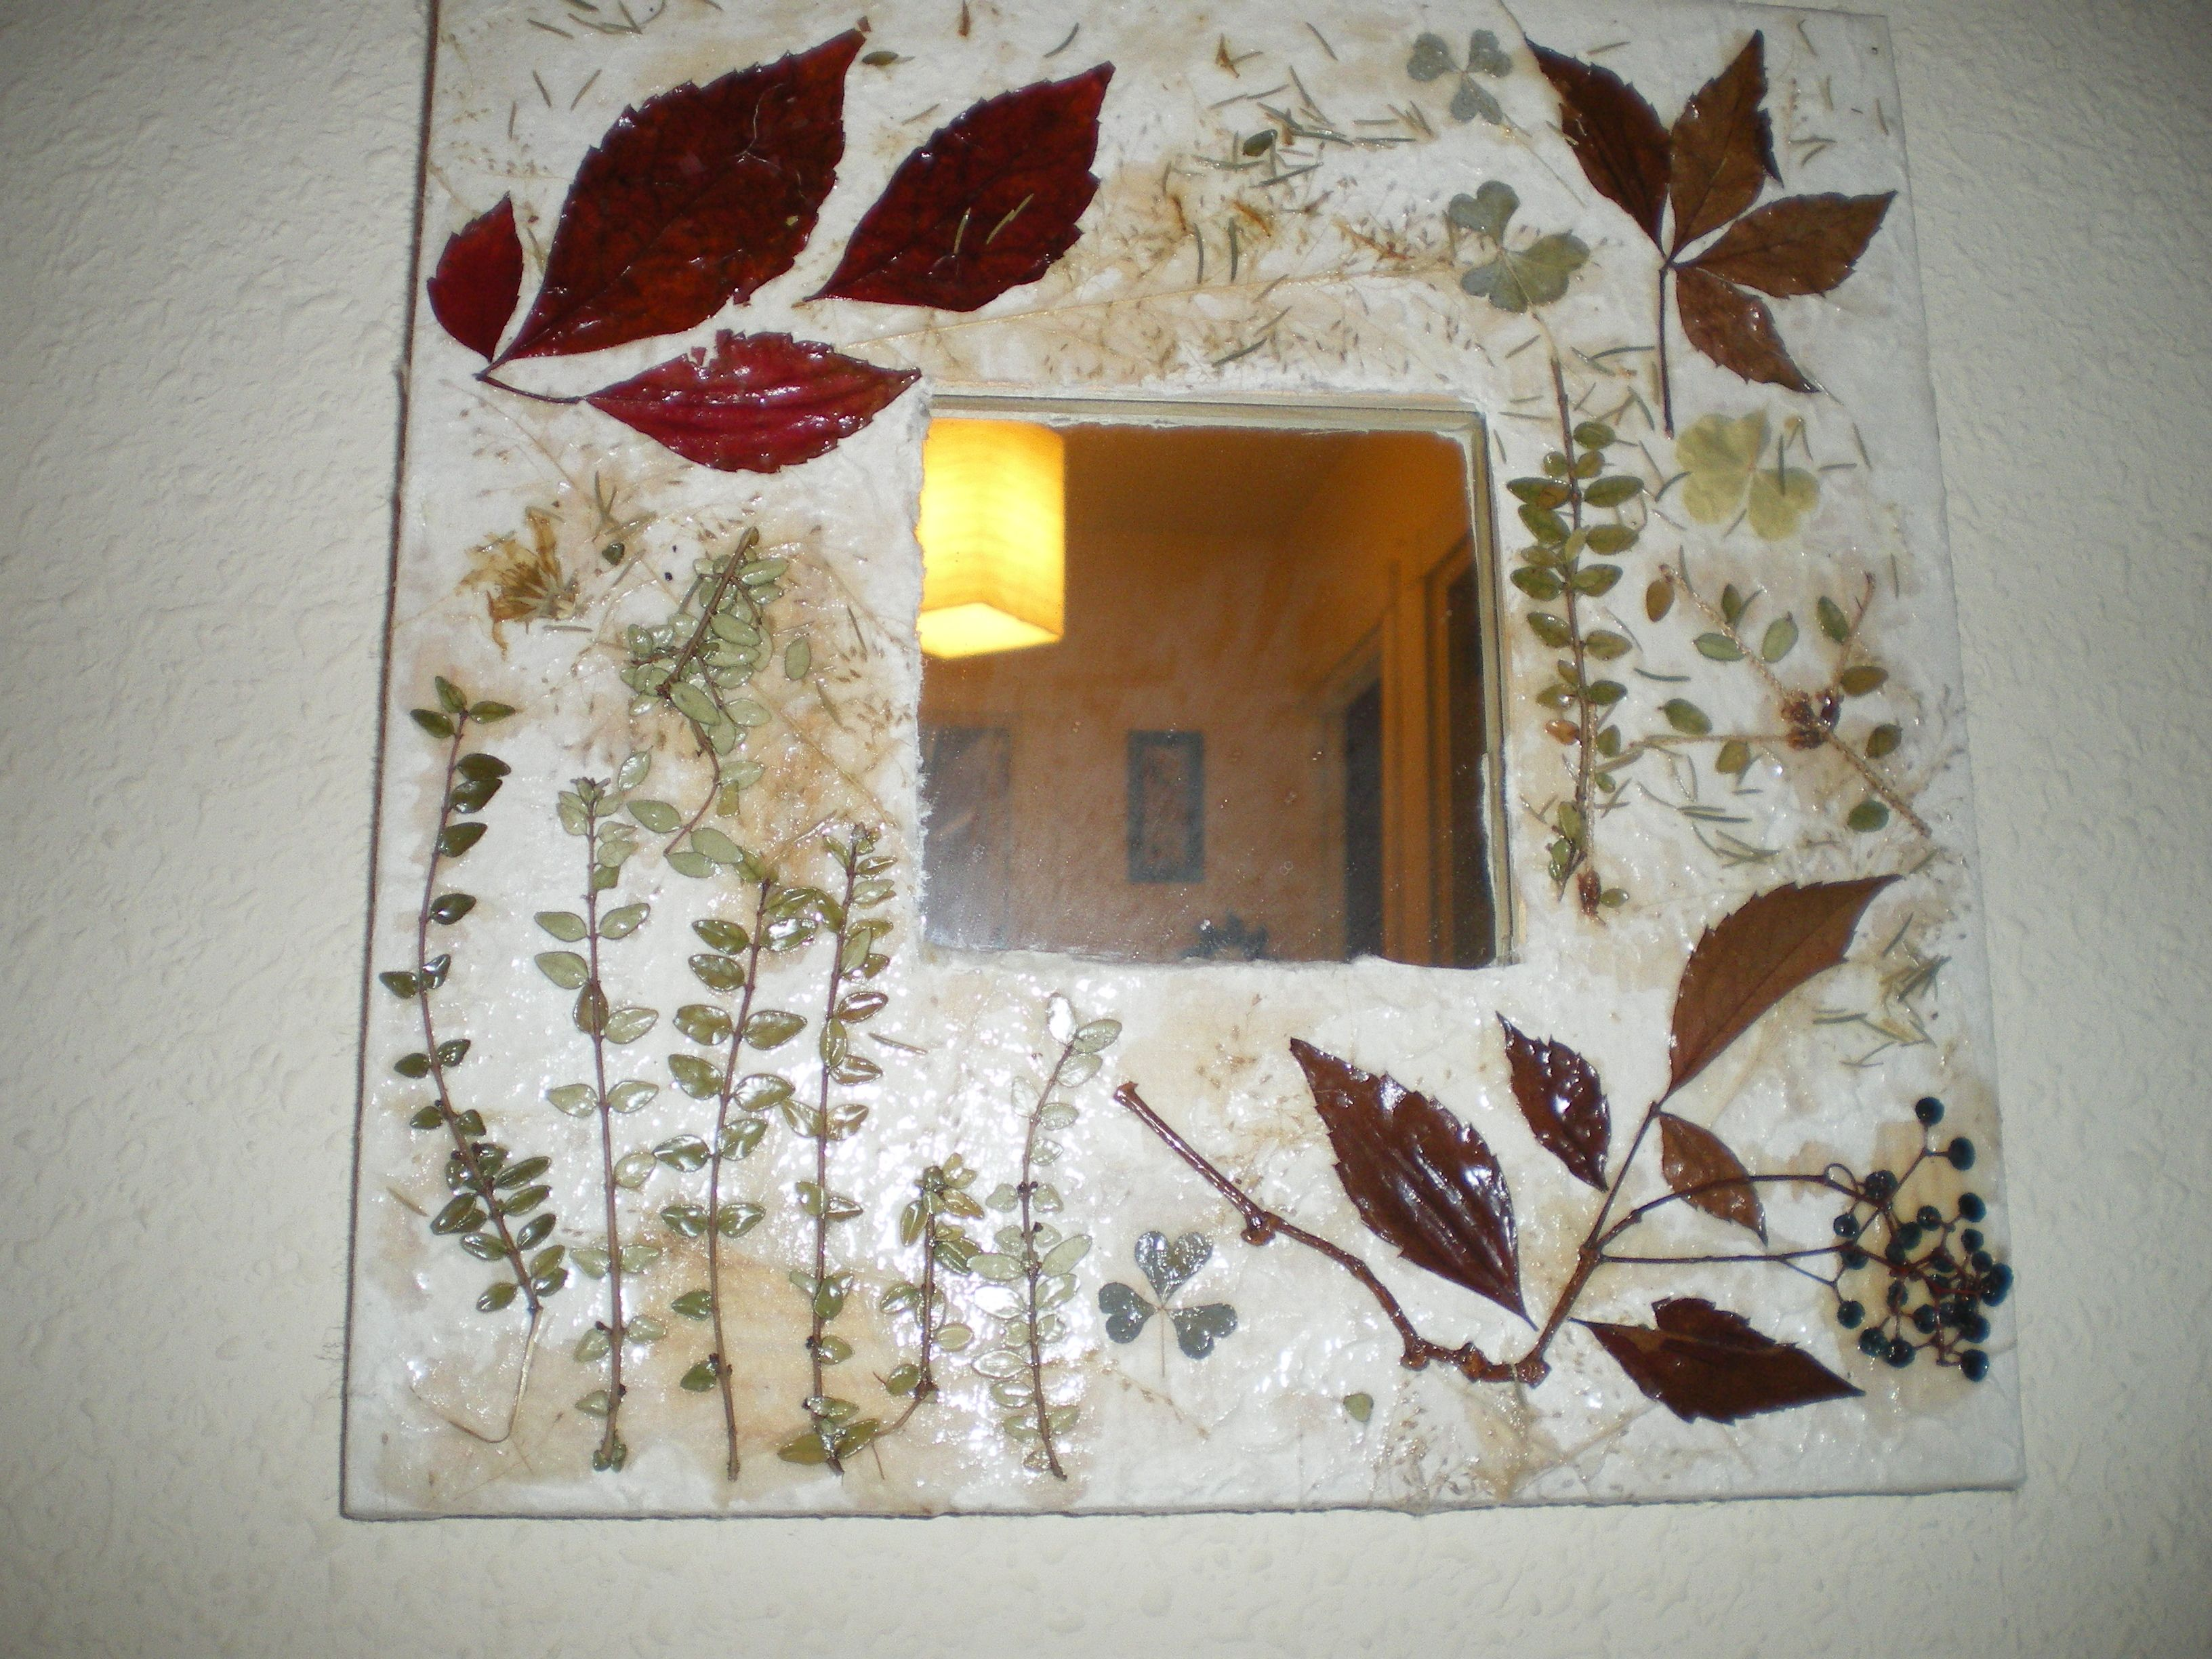 Espejo de ikea decorado con hojas secas espejos for Decoracion con hojas secas